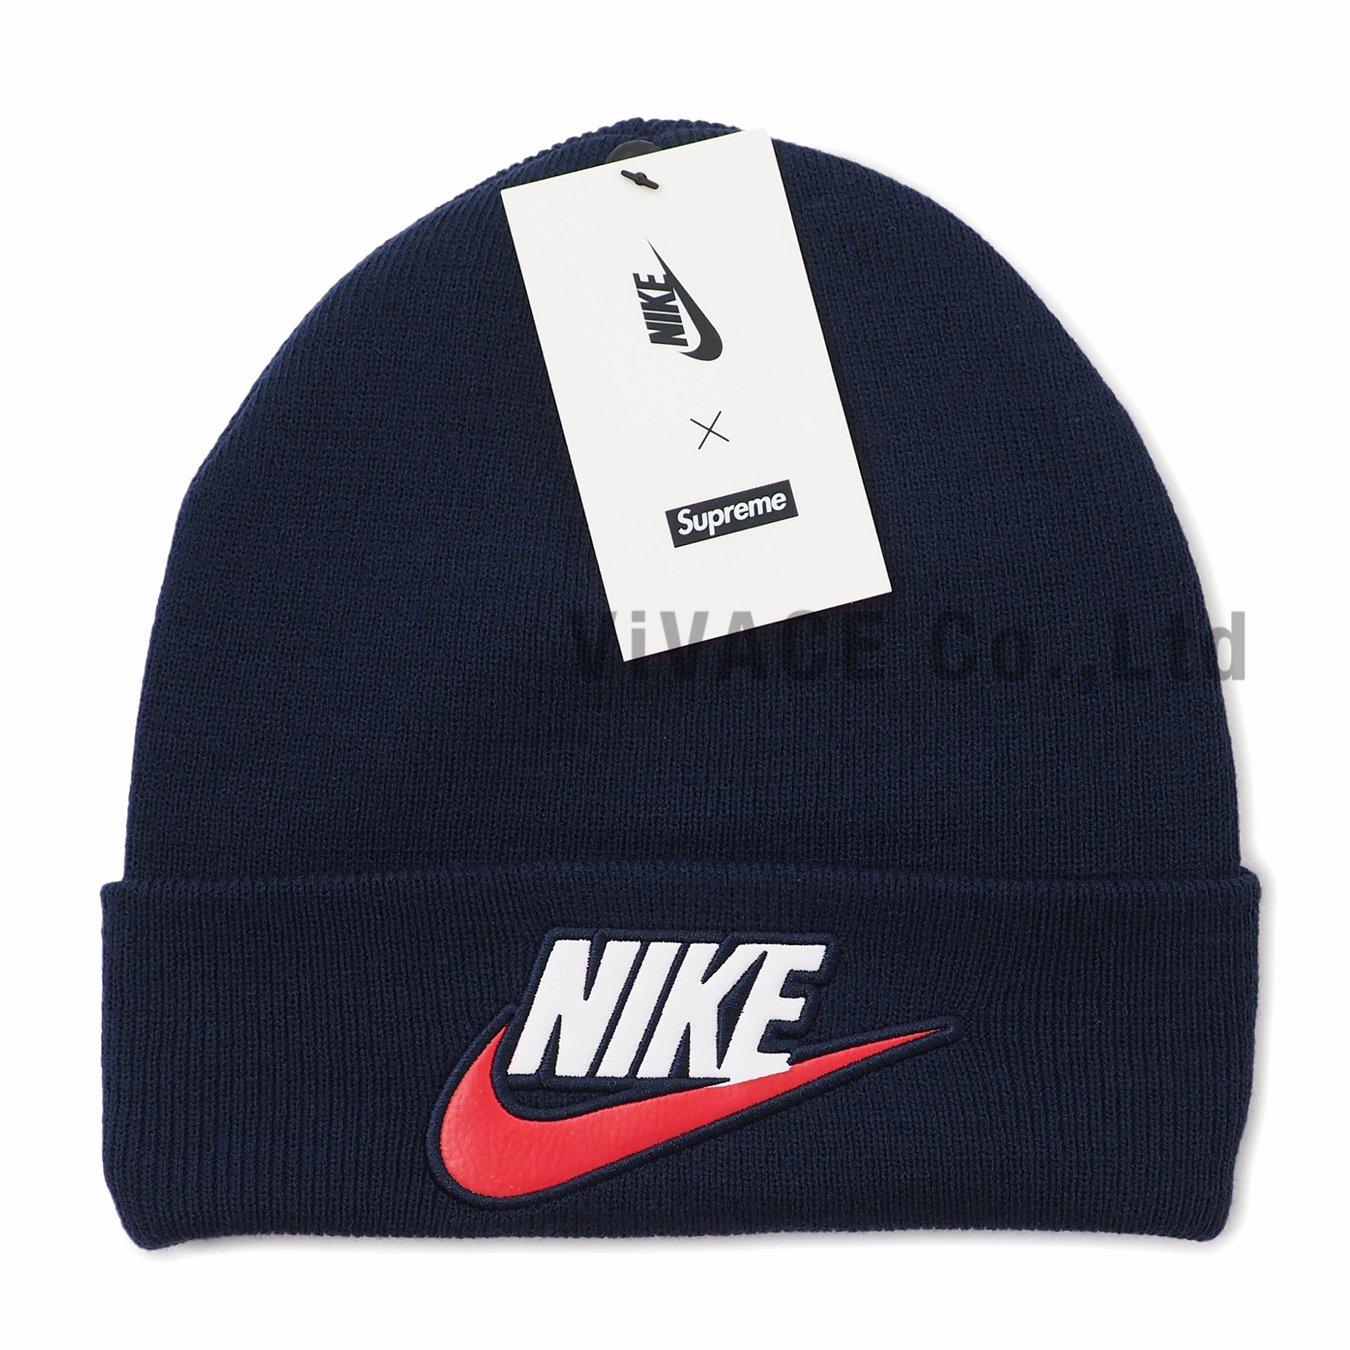 Supreme® Nike® Beanie - Designer Brands Select Shop ViVACE japan ... 127ed04d3777